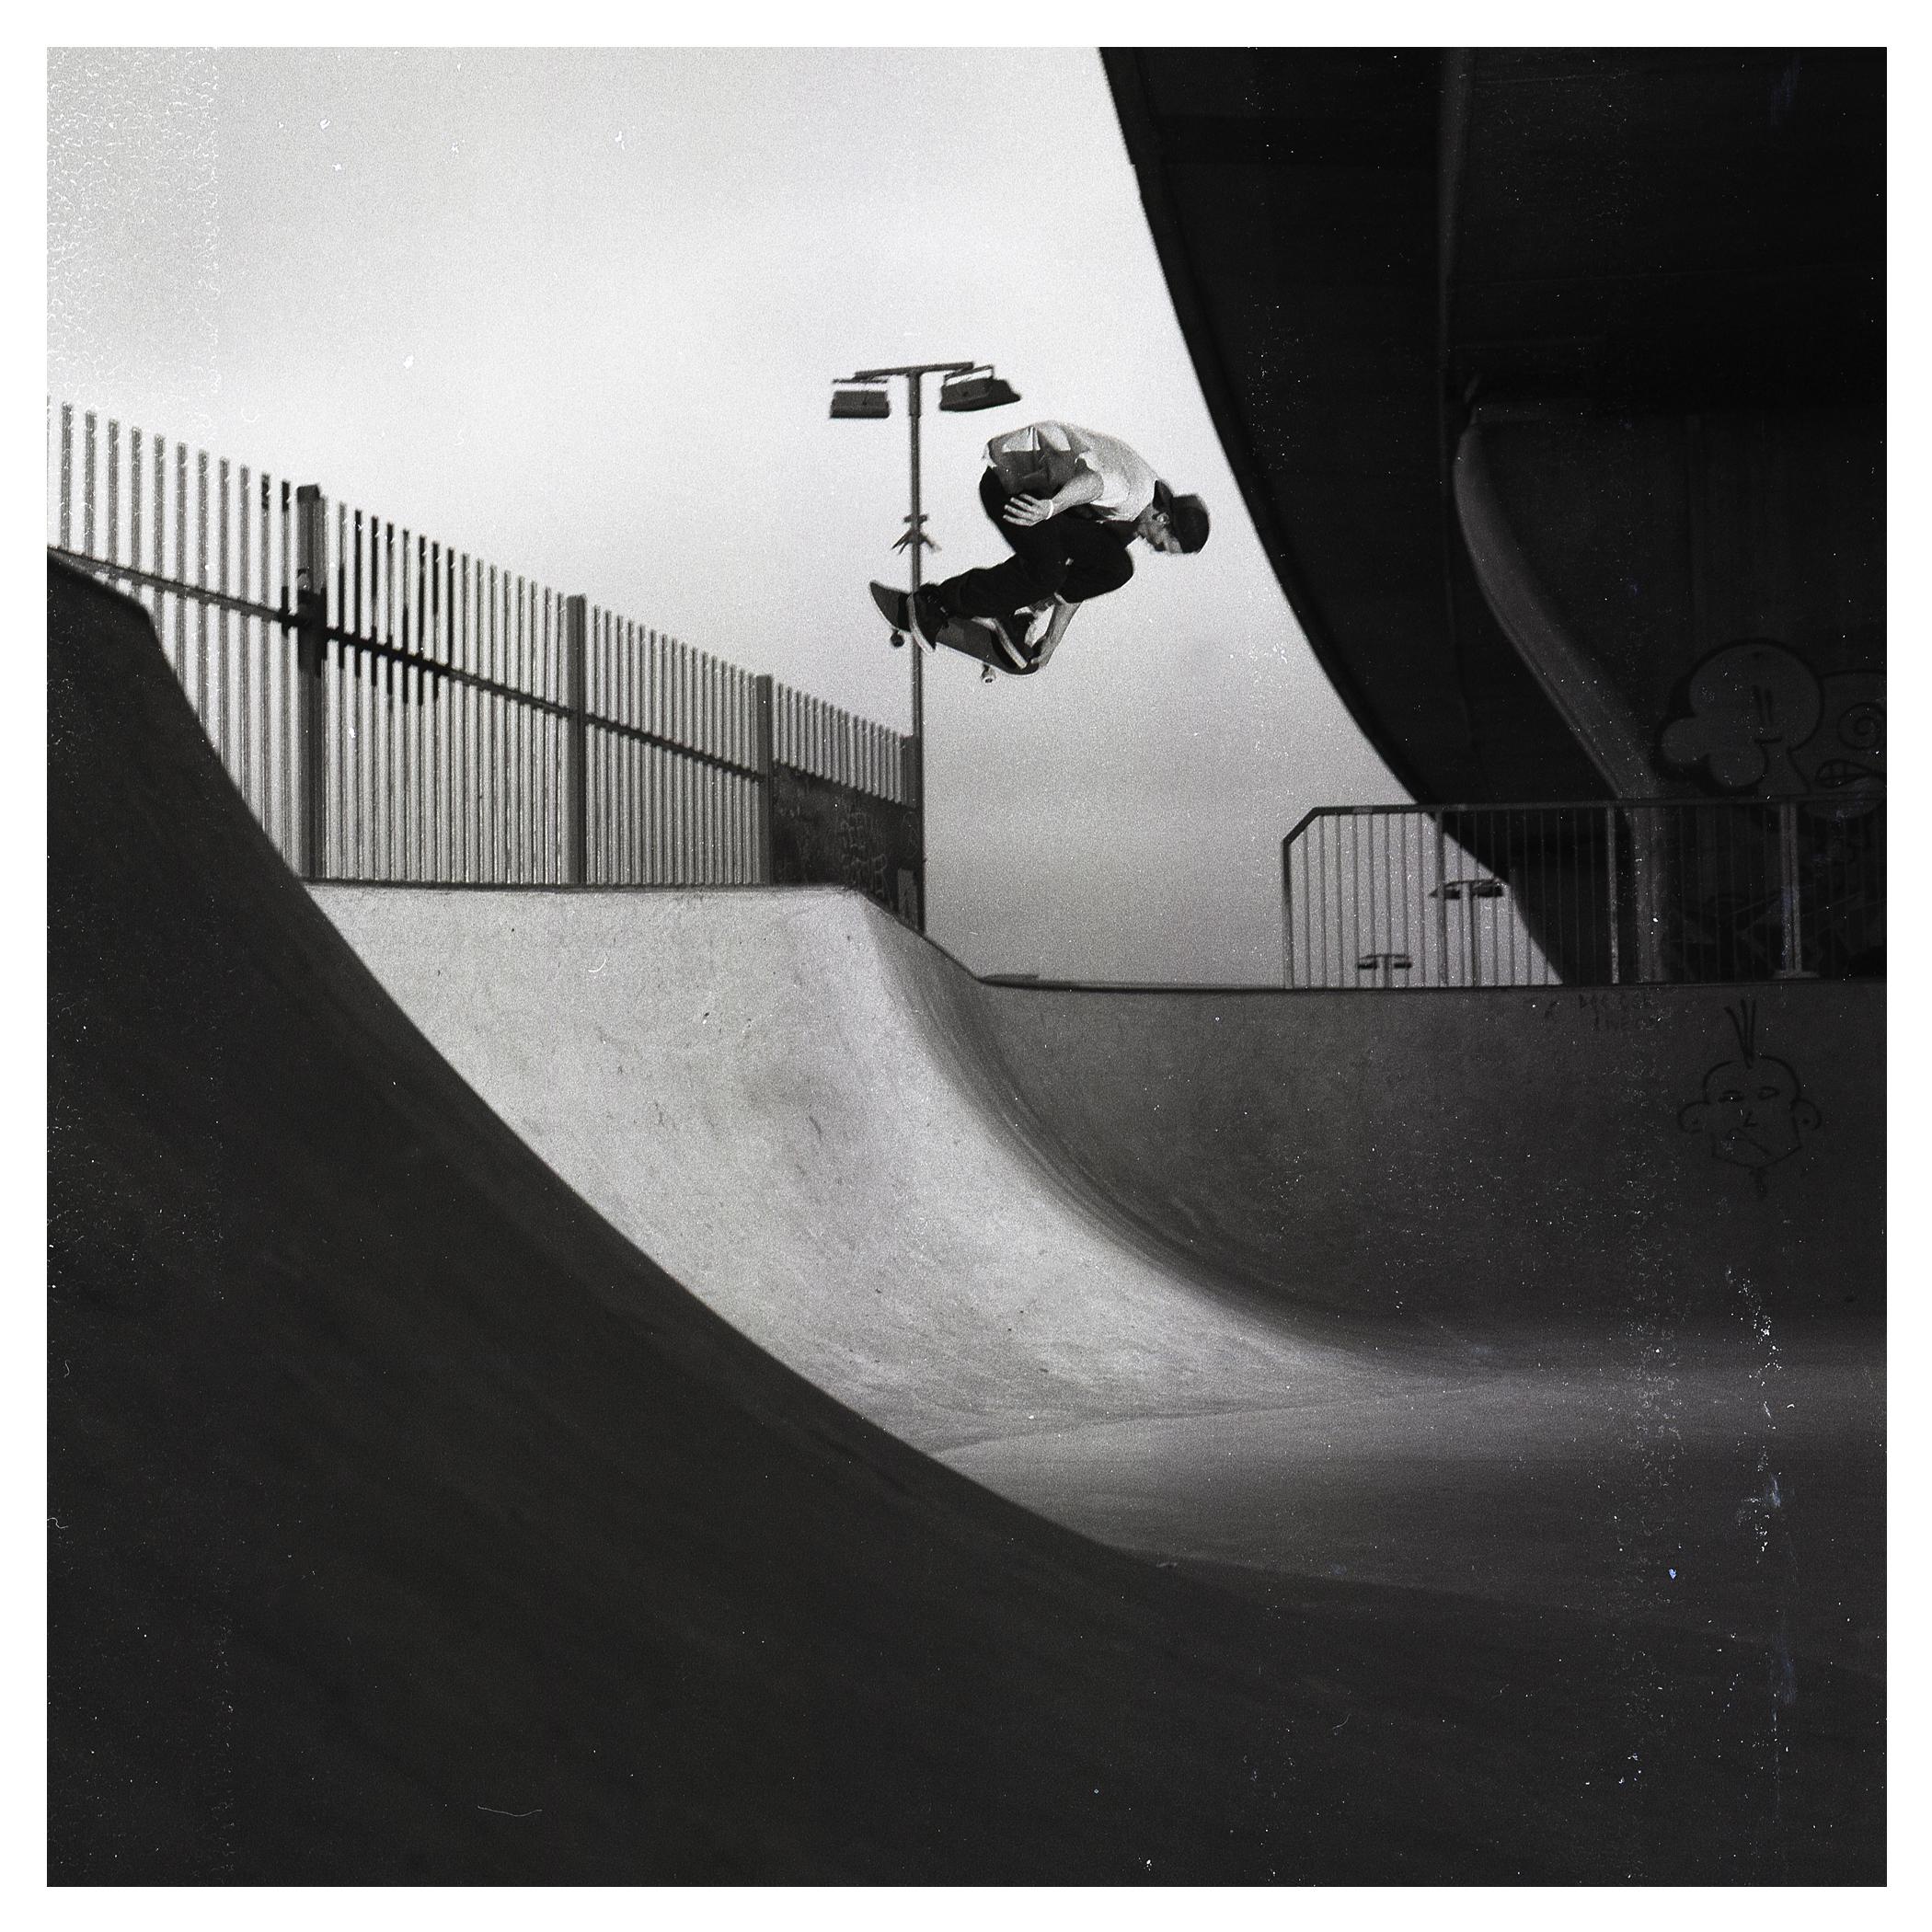 Denis Lynn backside air over the hip - Bridges Skate Park.